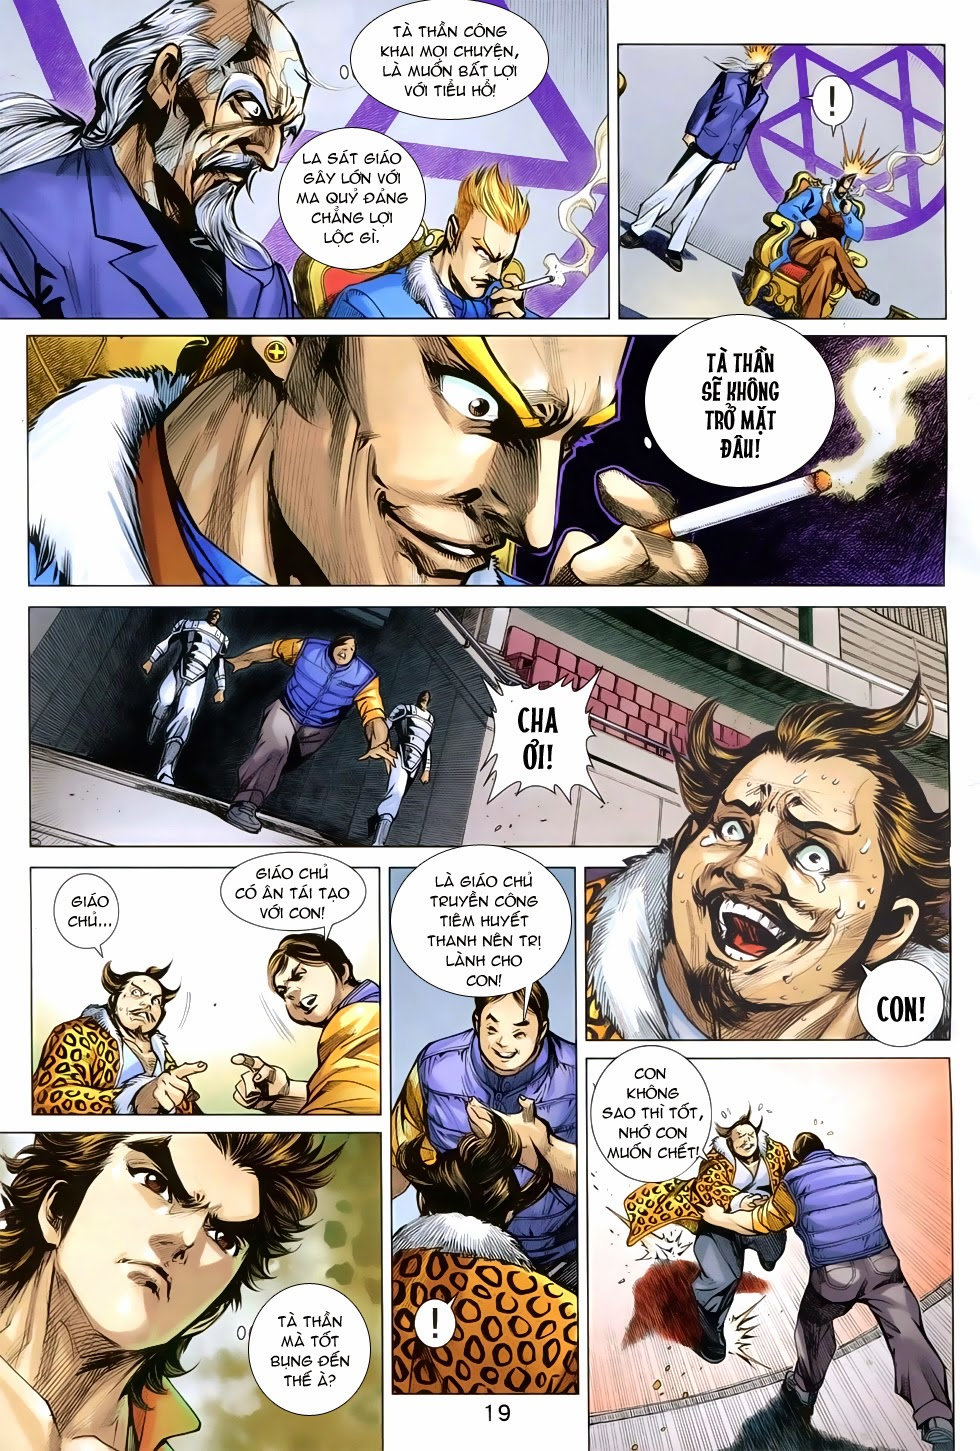 Tân Tác Long Hổ Môn trang 19